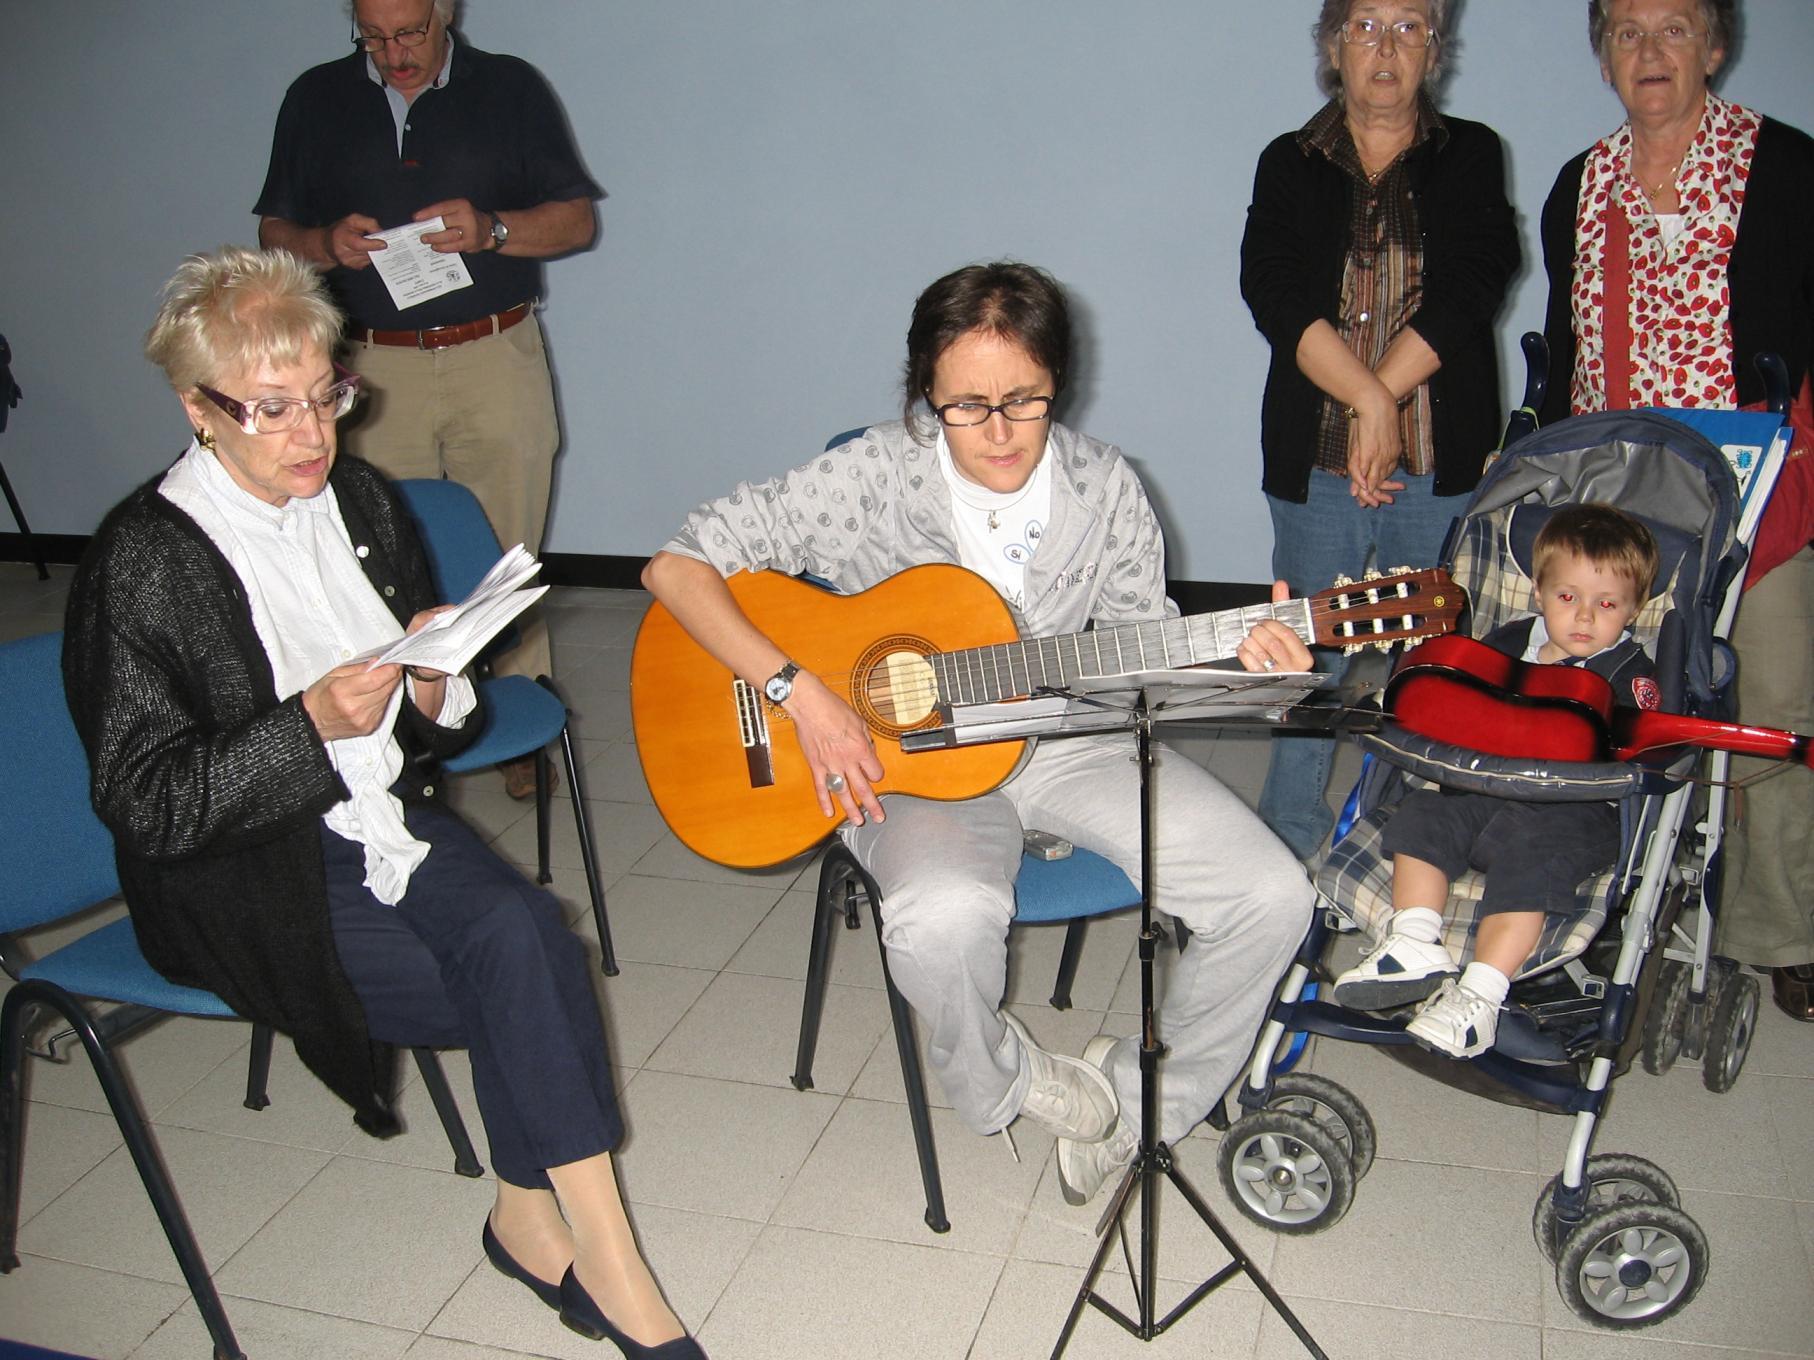 Pellegrinaggio_Vicariale_Guardia-2009-06-20--11.47.59